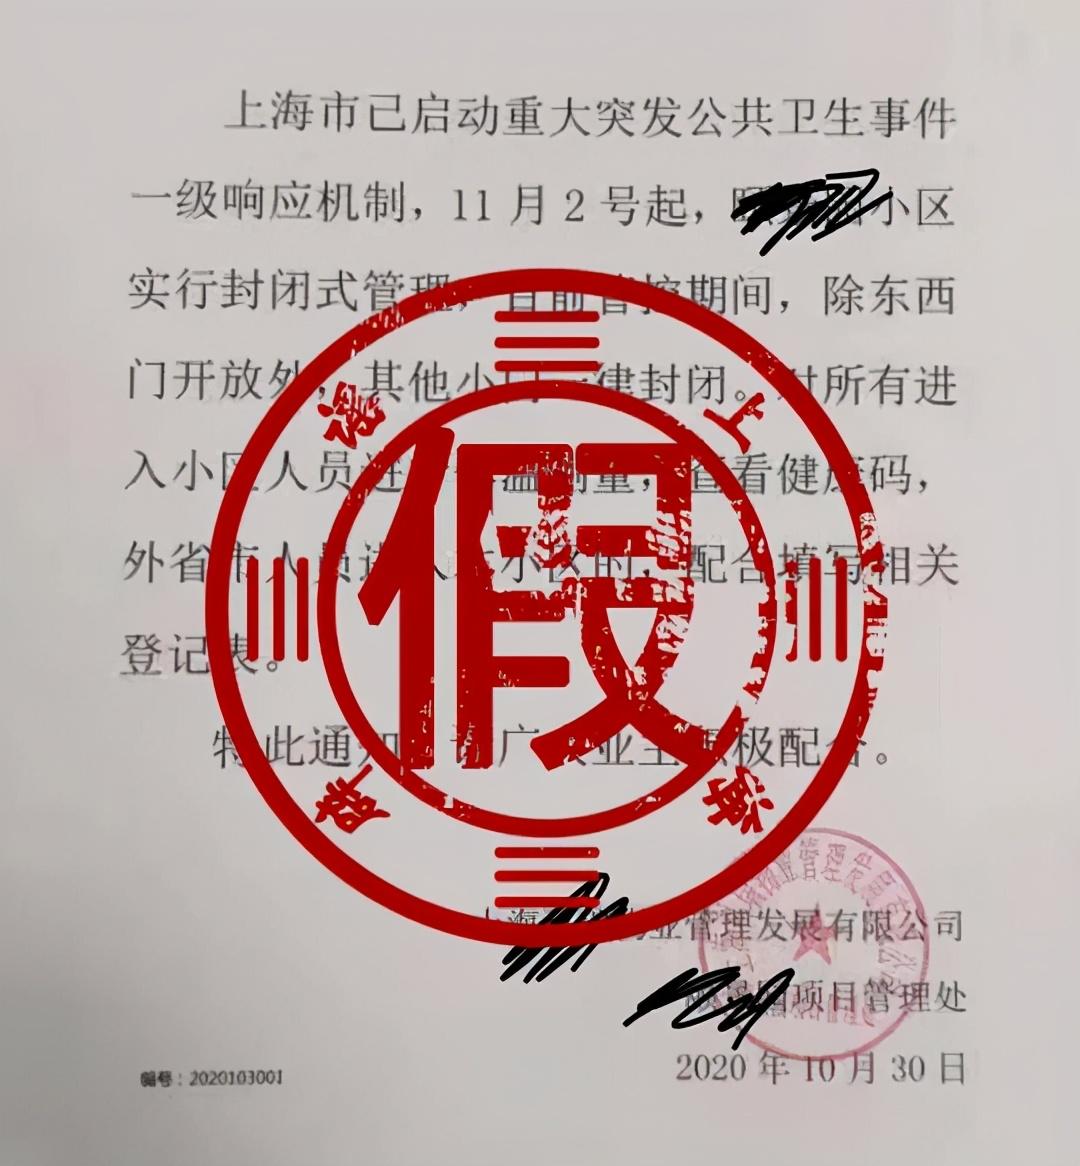 """上海又启动""""重大突发公共卫生事件一级响应""""?系物业随意发布"""